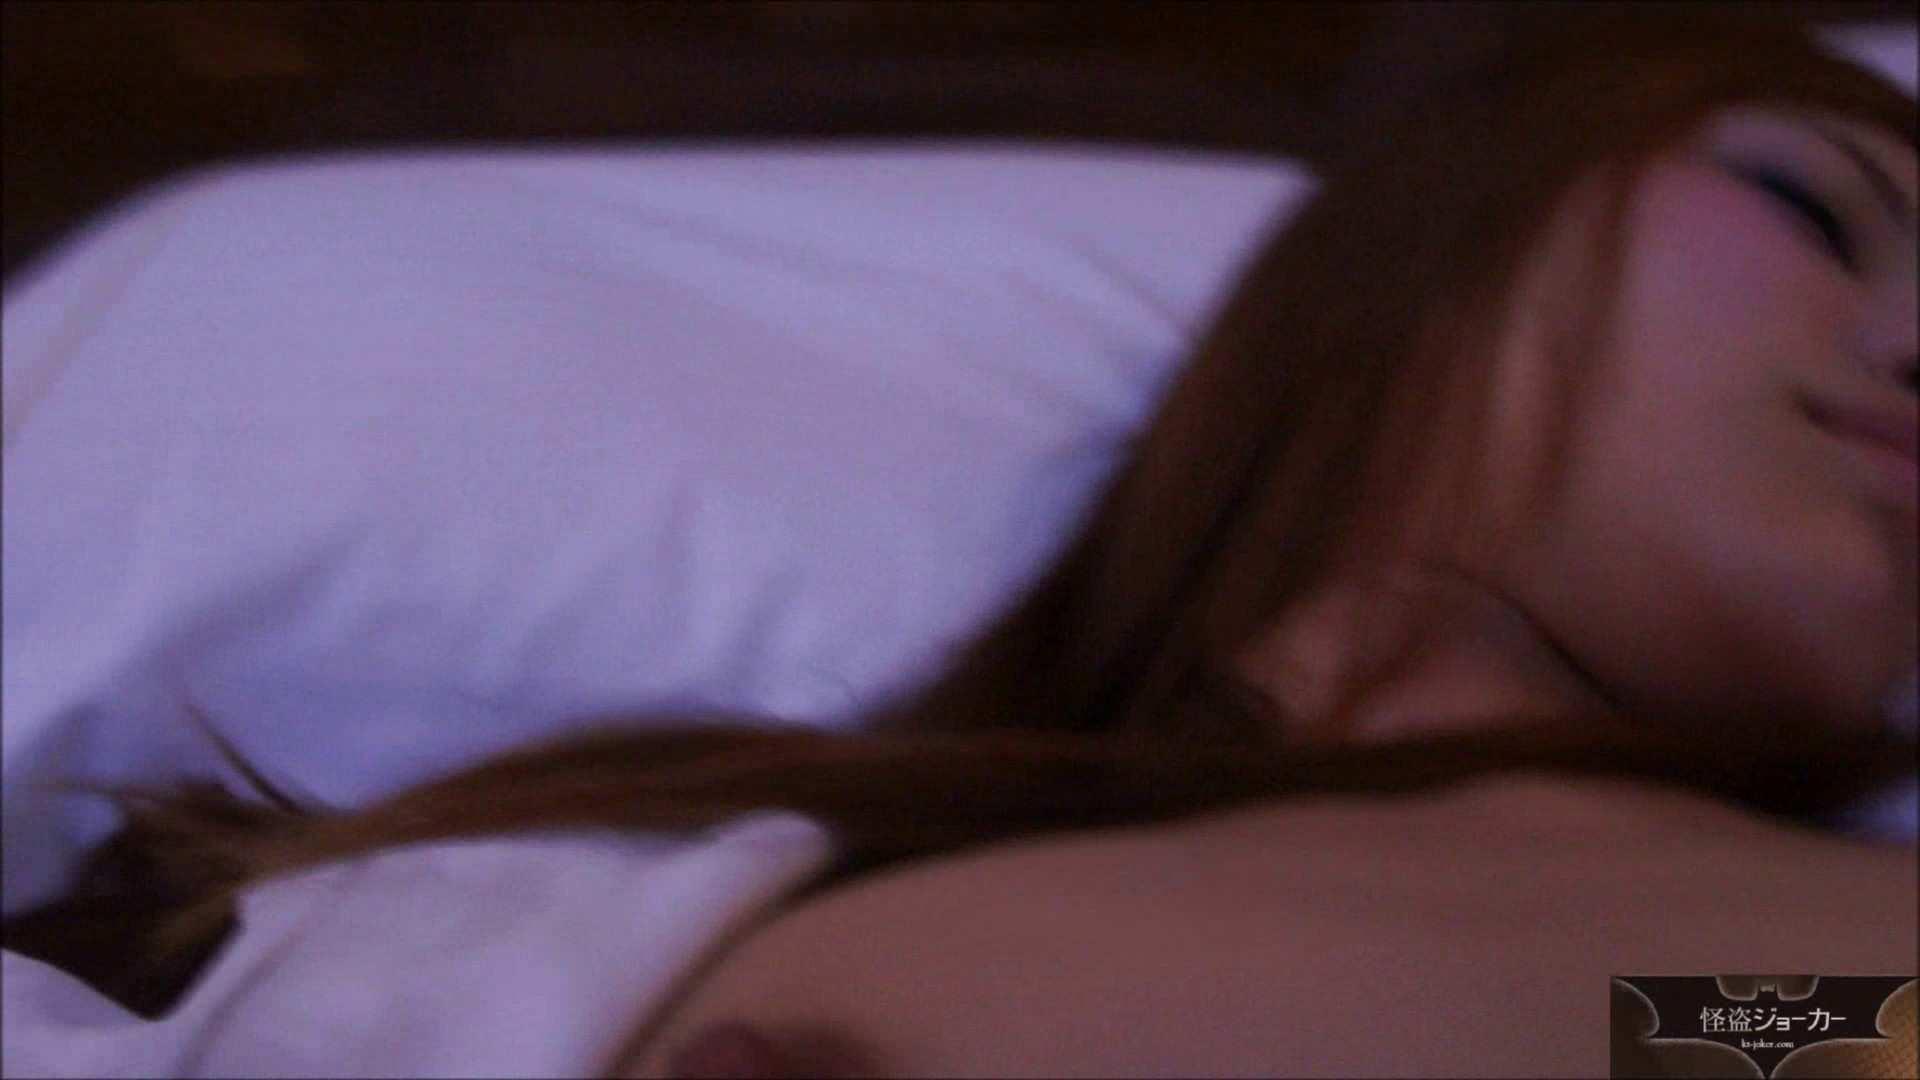 【未公開】vol.13 セレブ美魔女・ユキさんと初めて会った日。 お姉さん攻略 オマンコ動画キャプチャ 85画像 50